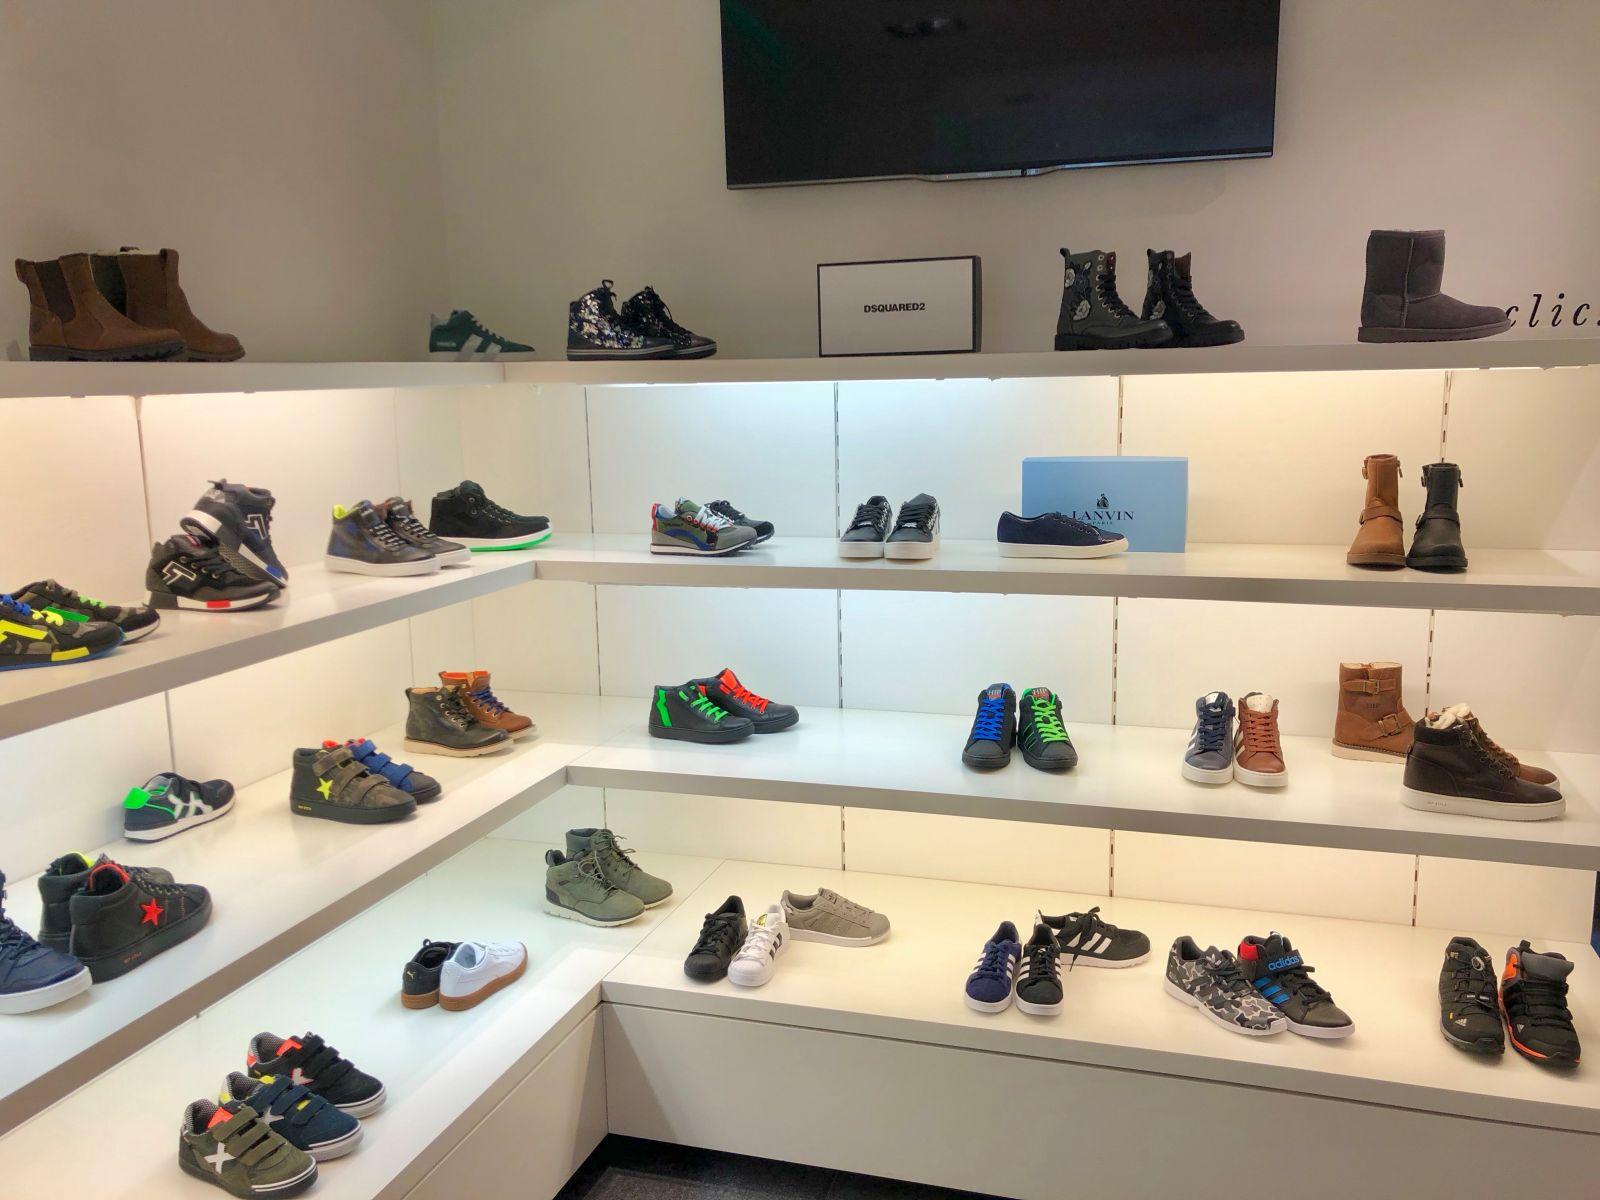 d6594b2d875 Dus zoekt u een extra stevige sneaker, een kleurrijk laarsje of een lief  babyschoentje? U bent bij ons aan het juiste adres!